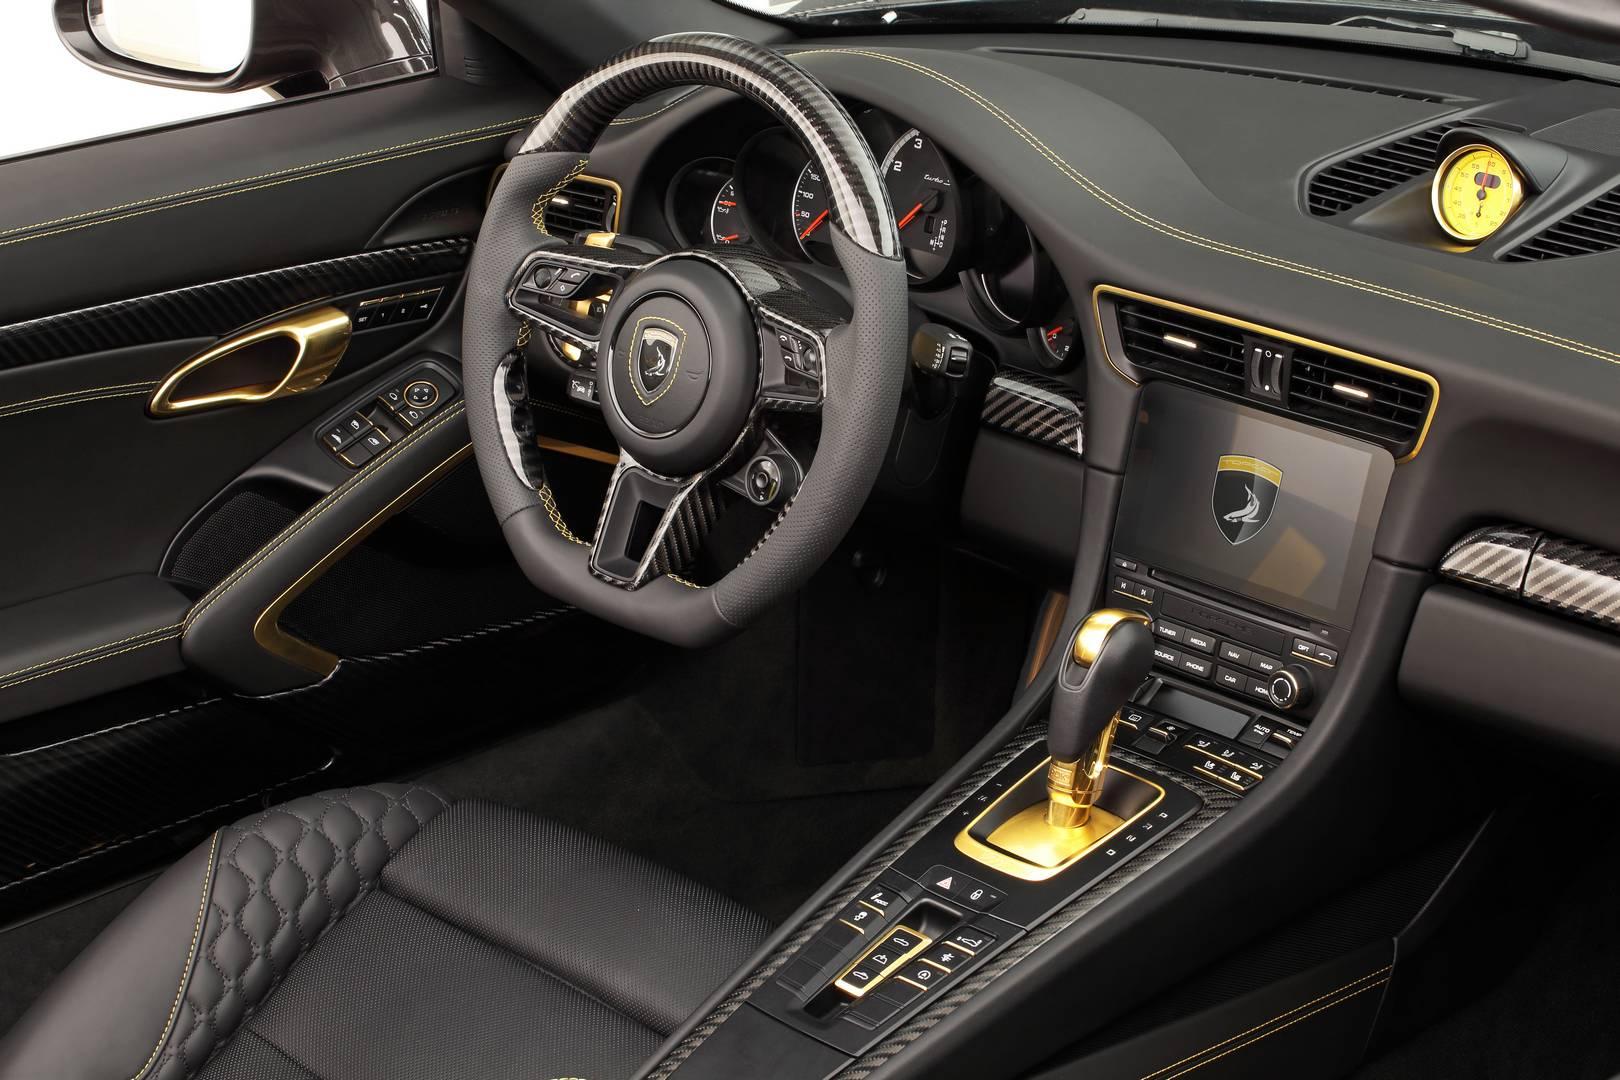 Мы полагаем, что оба проекта основаны на вариантах Turbo. TopCar также заявил, что при желании мощность может быть увеличена до 800 л.с.